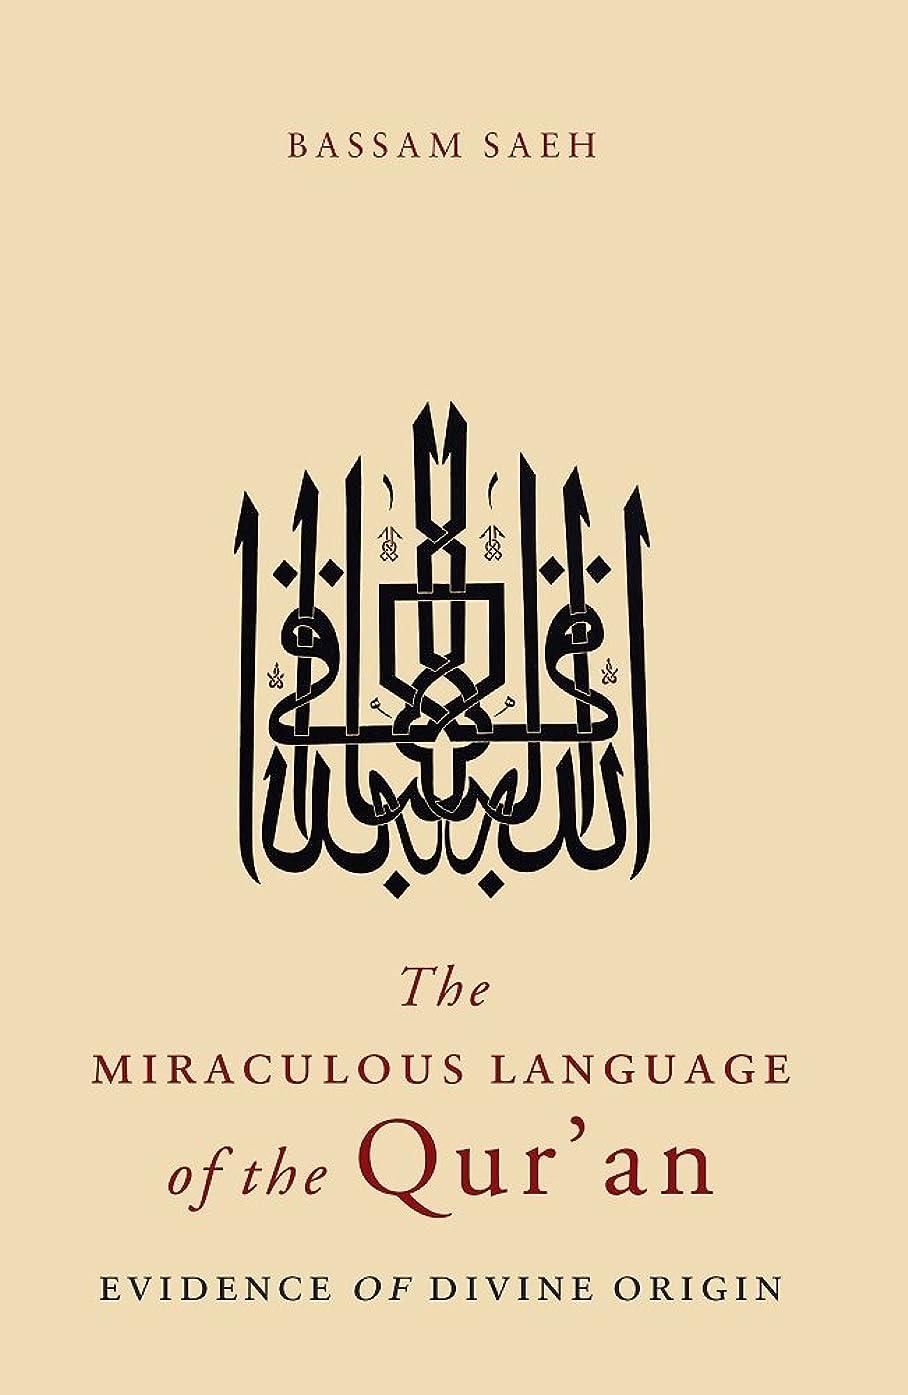 どこレギュラー姿を消すThe Miraculous Language of the Qur'an: Evidence of Divine Origin (English Edition)